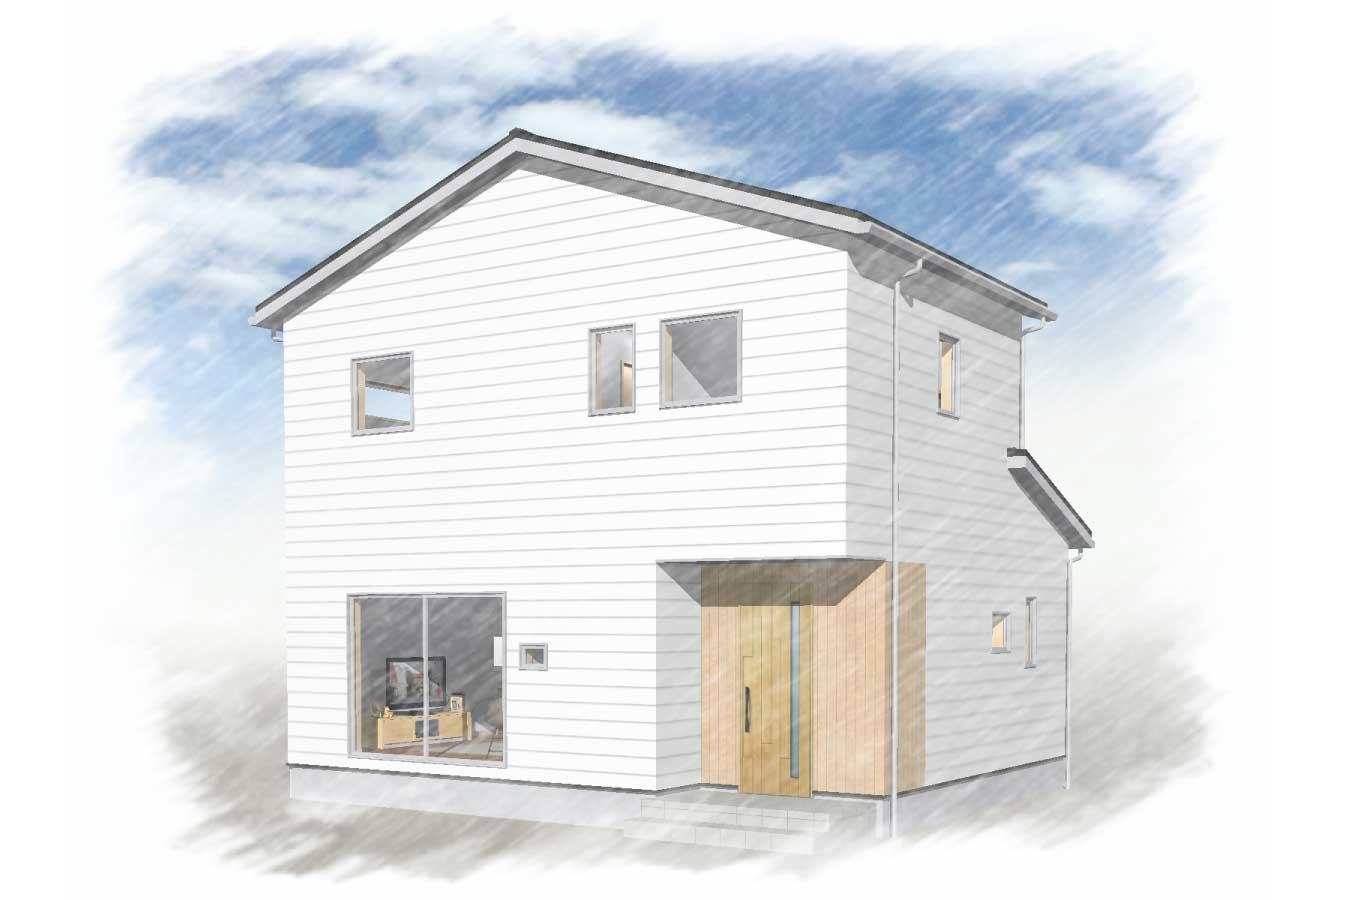 グリーンスタイルの定額制企画住宅シスタです。デザイン性を高め、スタイル、コーディネートも多数ご用意。